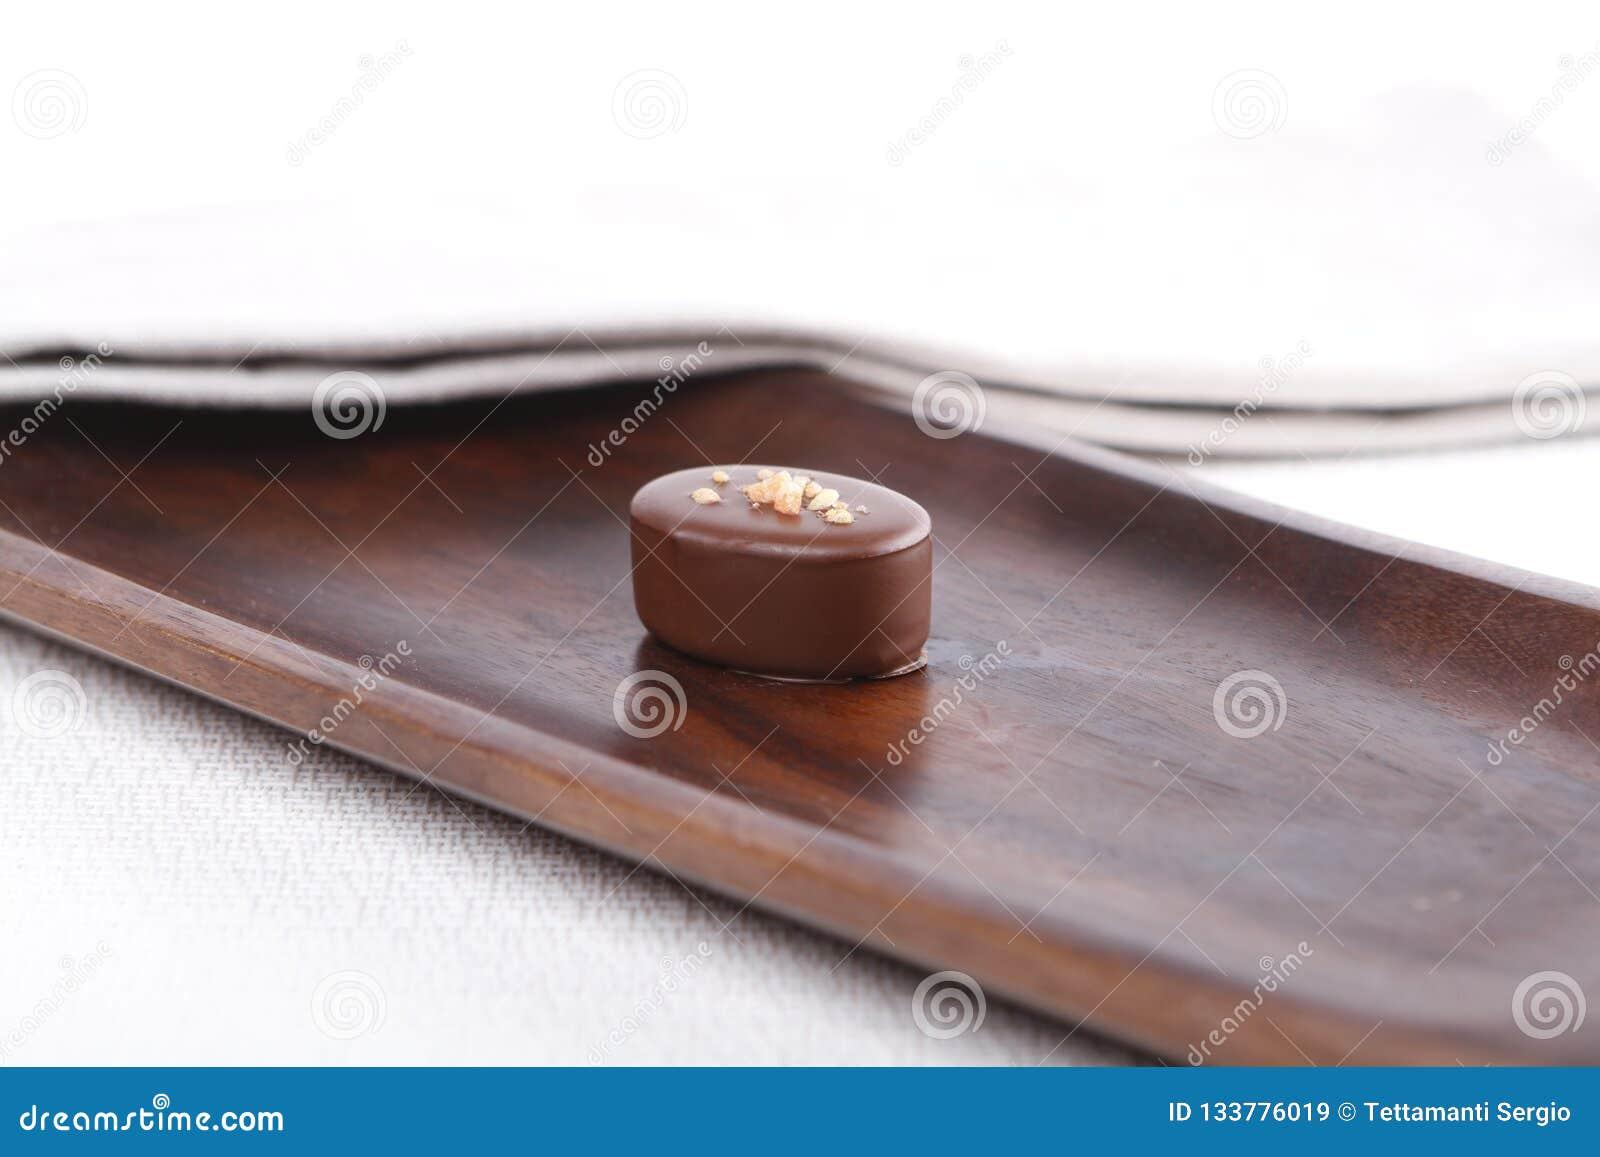 Praline auf einem hölzernen Brett